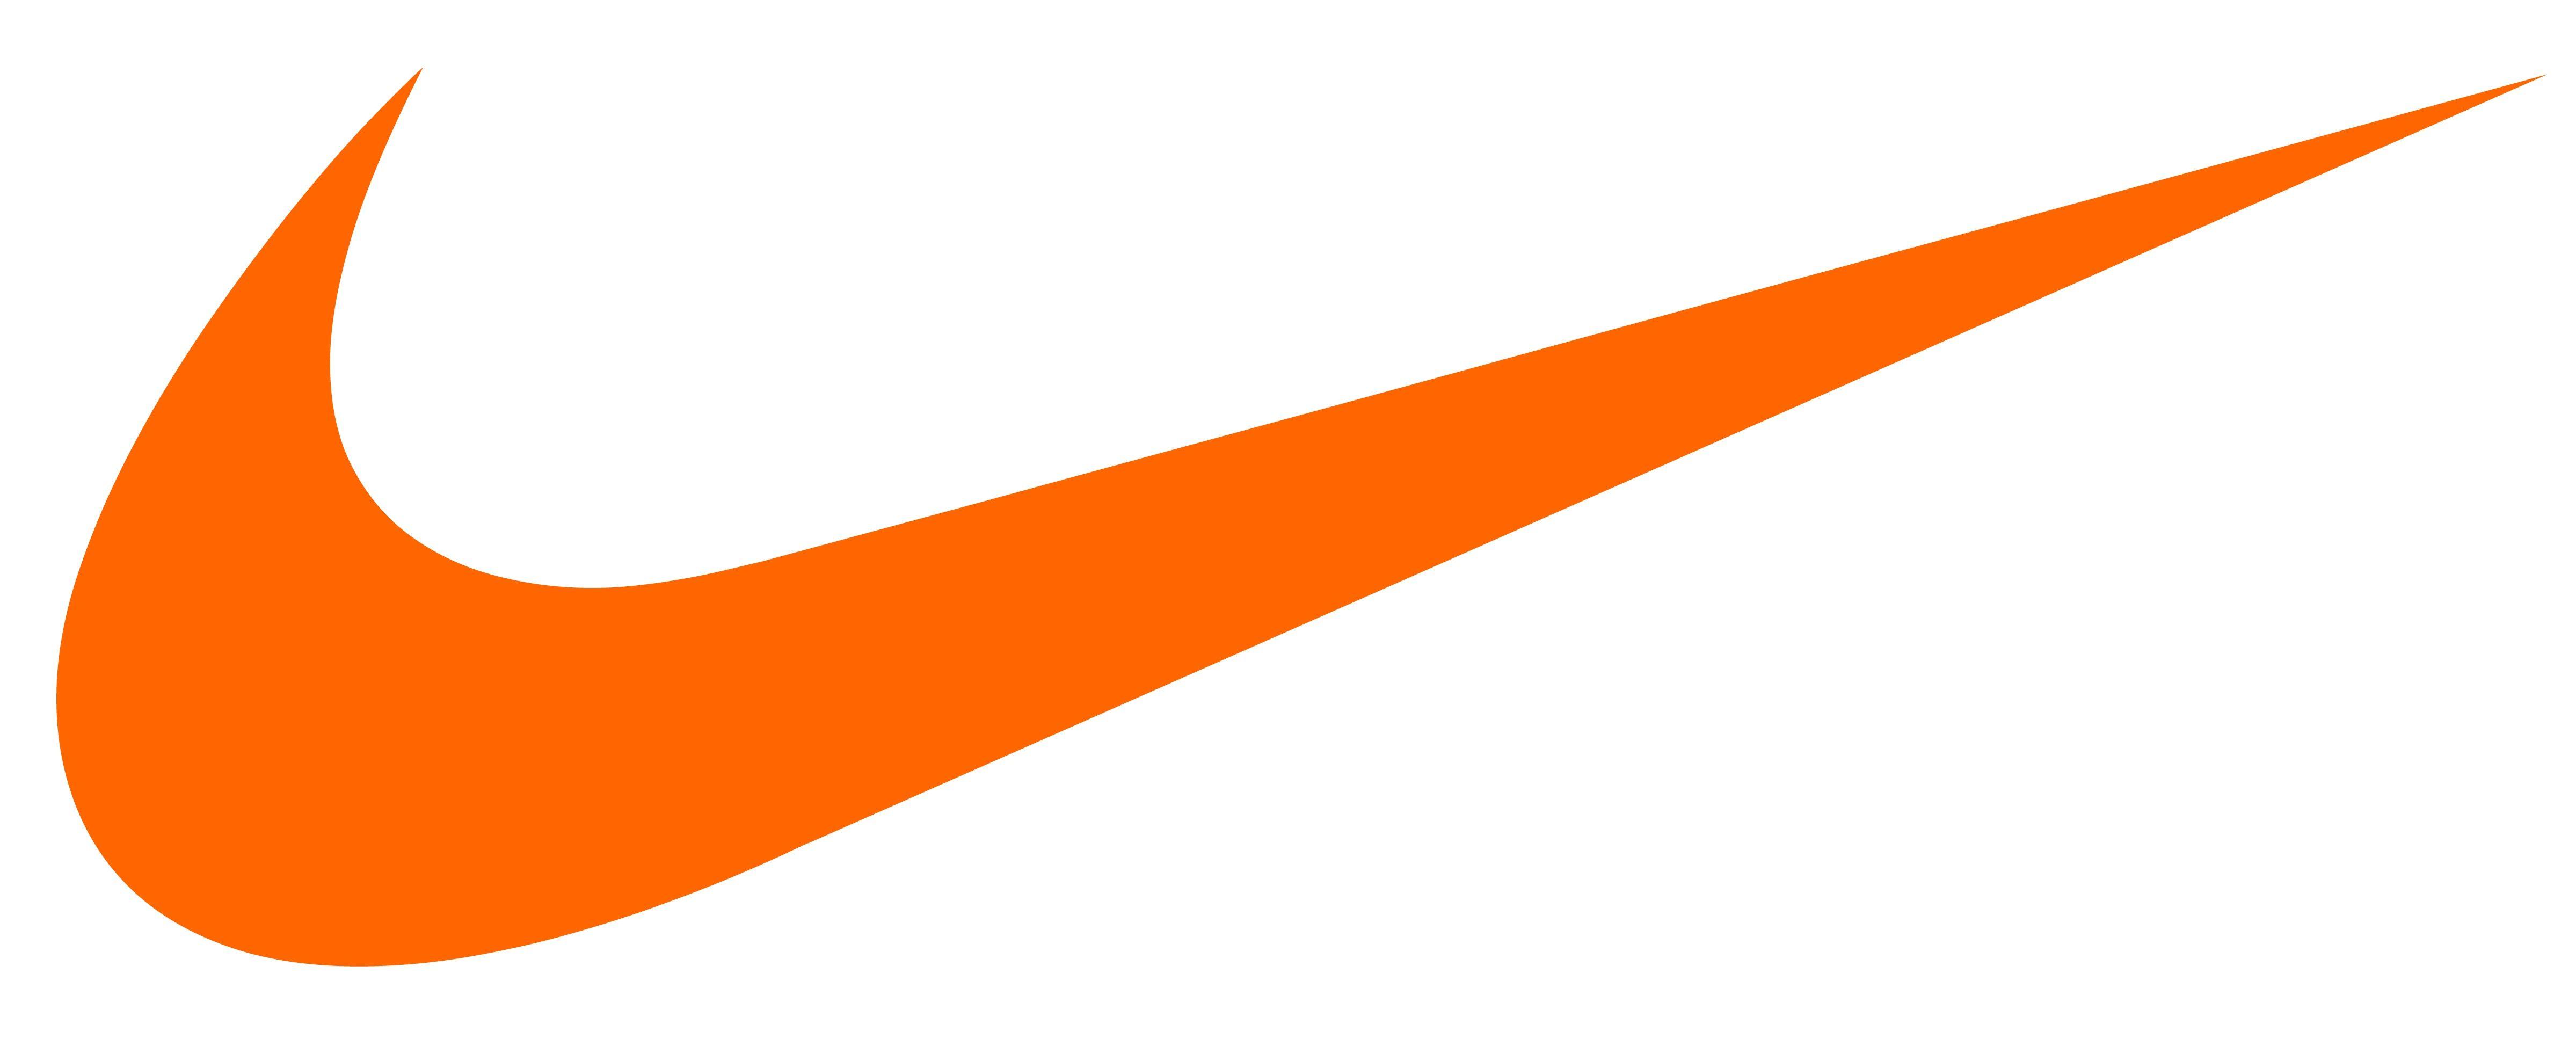 Image result for nike logo orange in 2019.